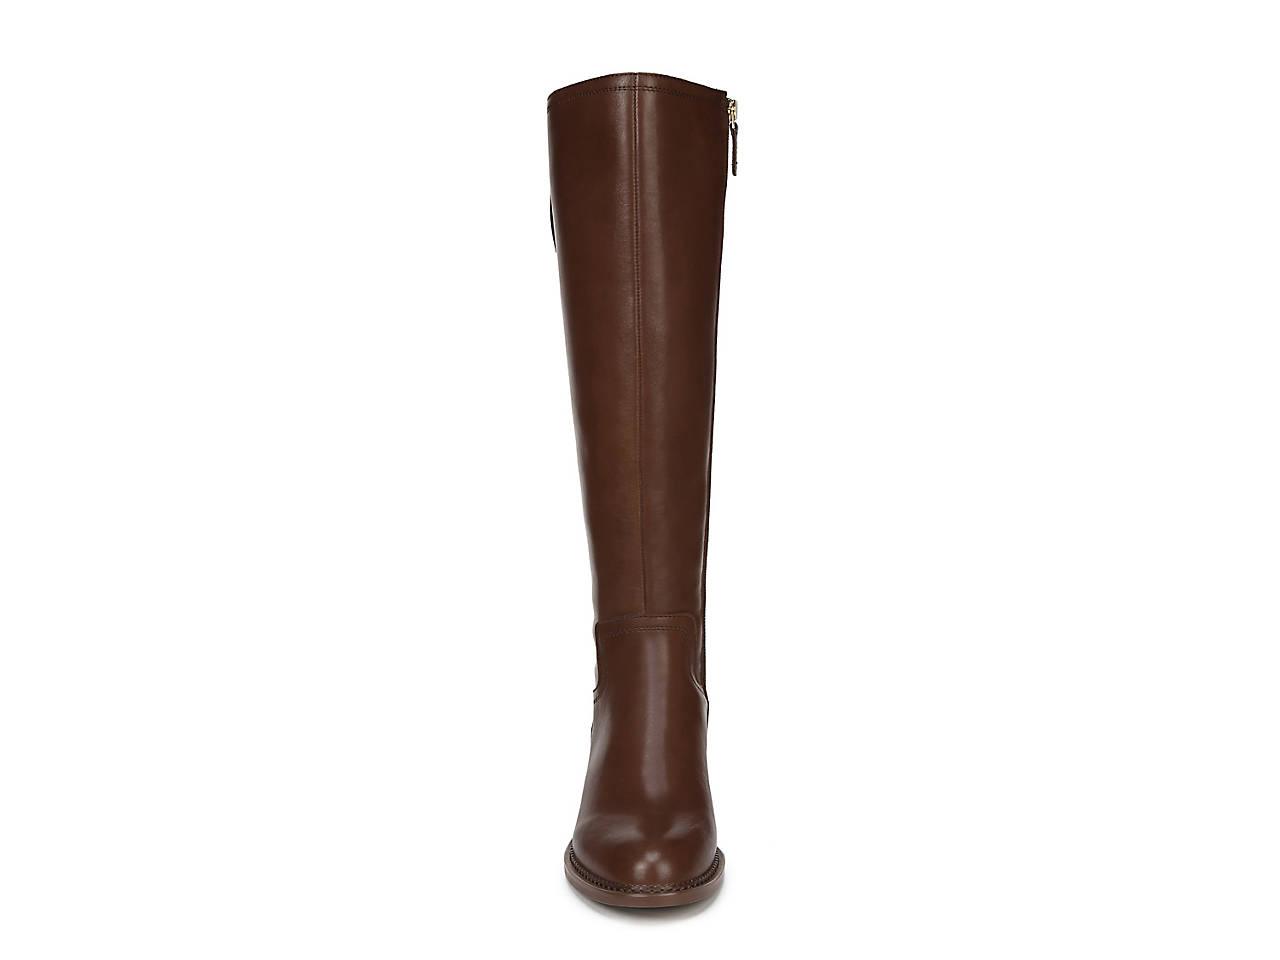 38331be02d9 Henrietta Wide Calf Riding Boot